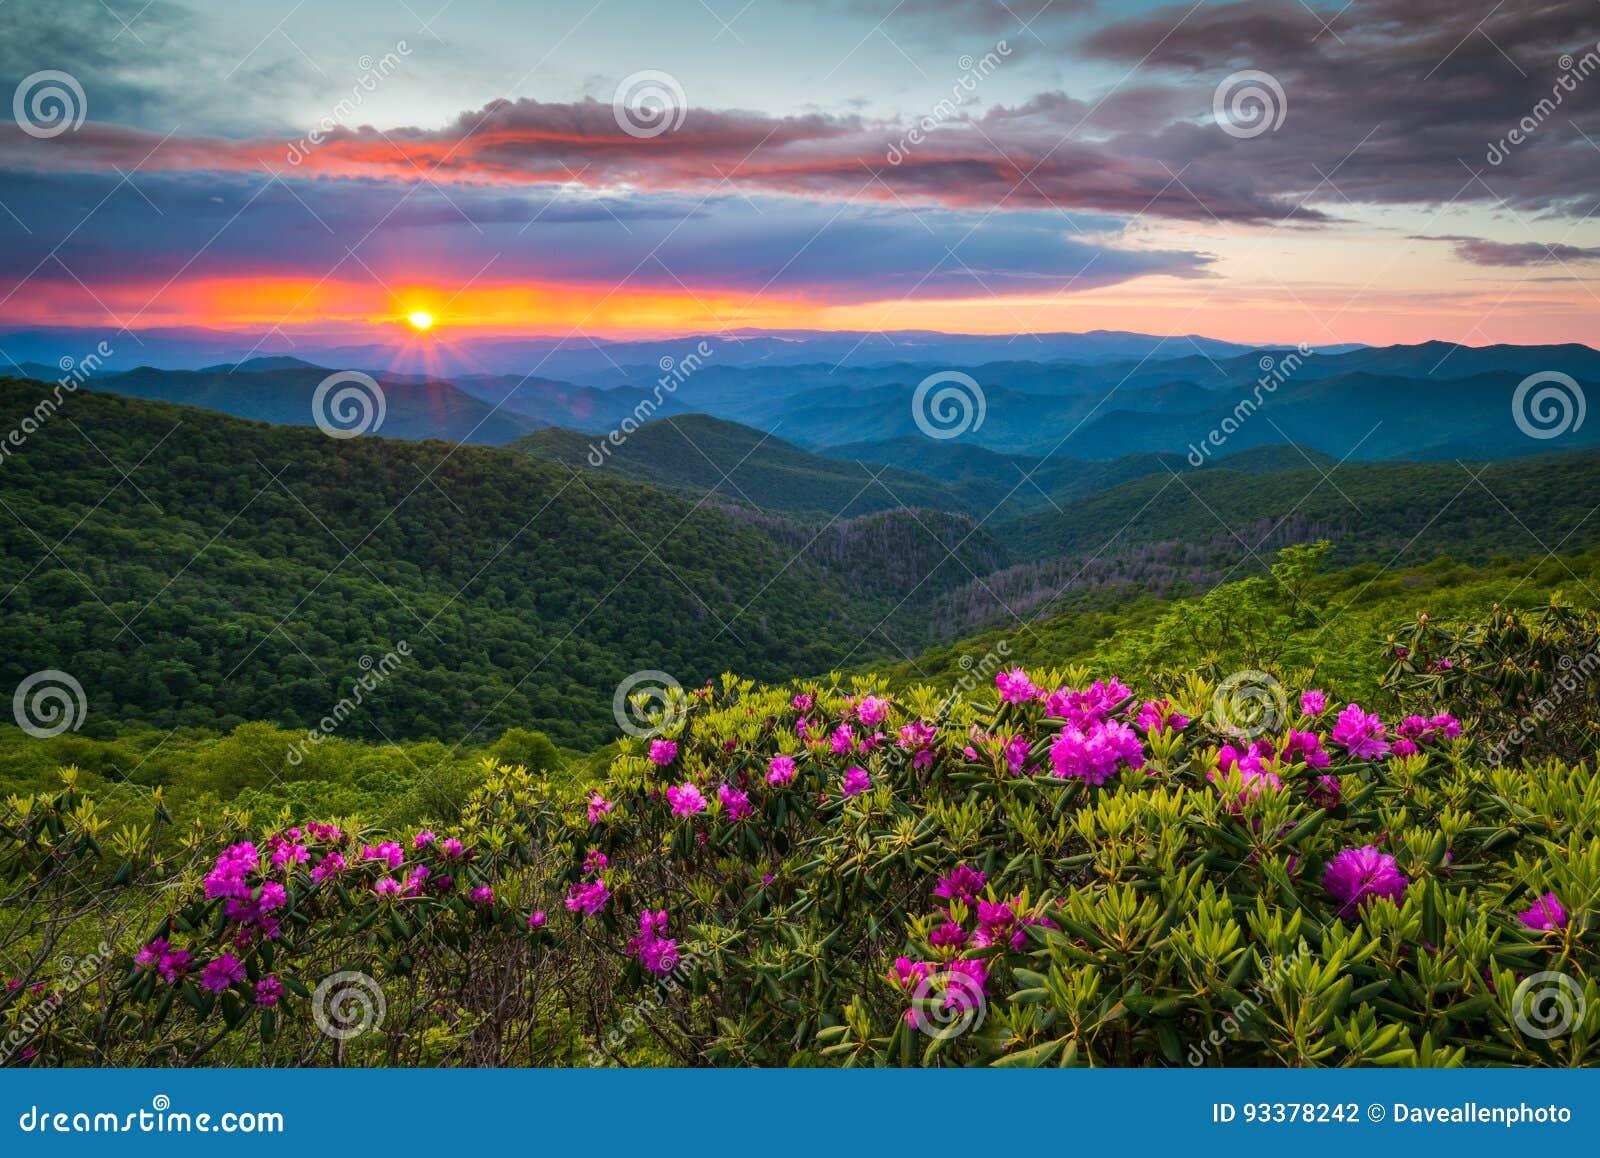 Carolina Blue Ridge Parkway Spring du nord fleurit la montagne scénique